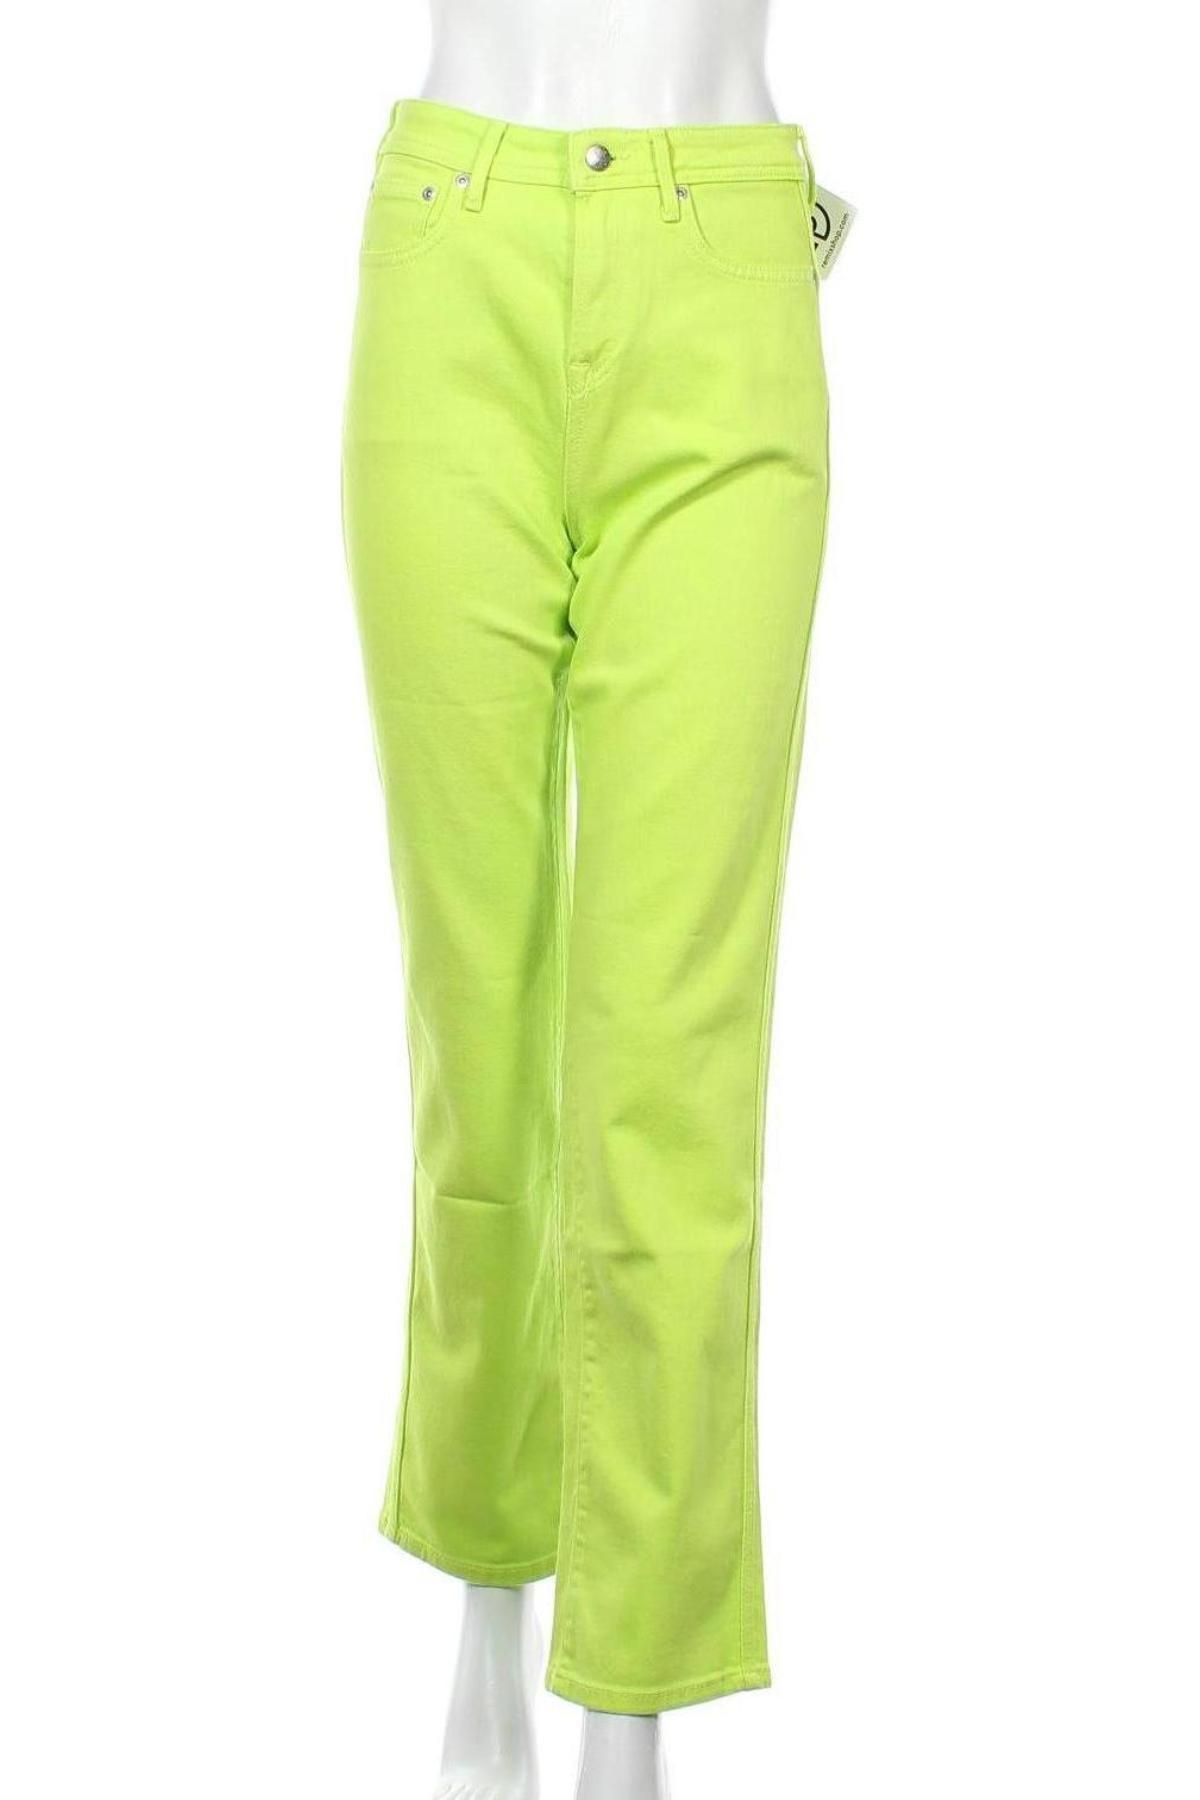 Дамски дънки Dua Lipa x Pepe Jeans, Размер S, Цвят Зелен, 99% памук, 1% еластан, Цена 24,37лв.